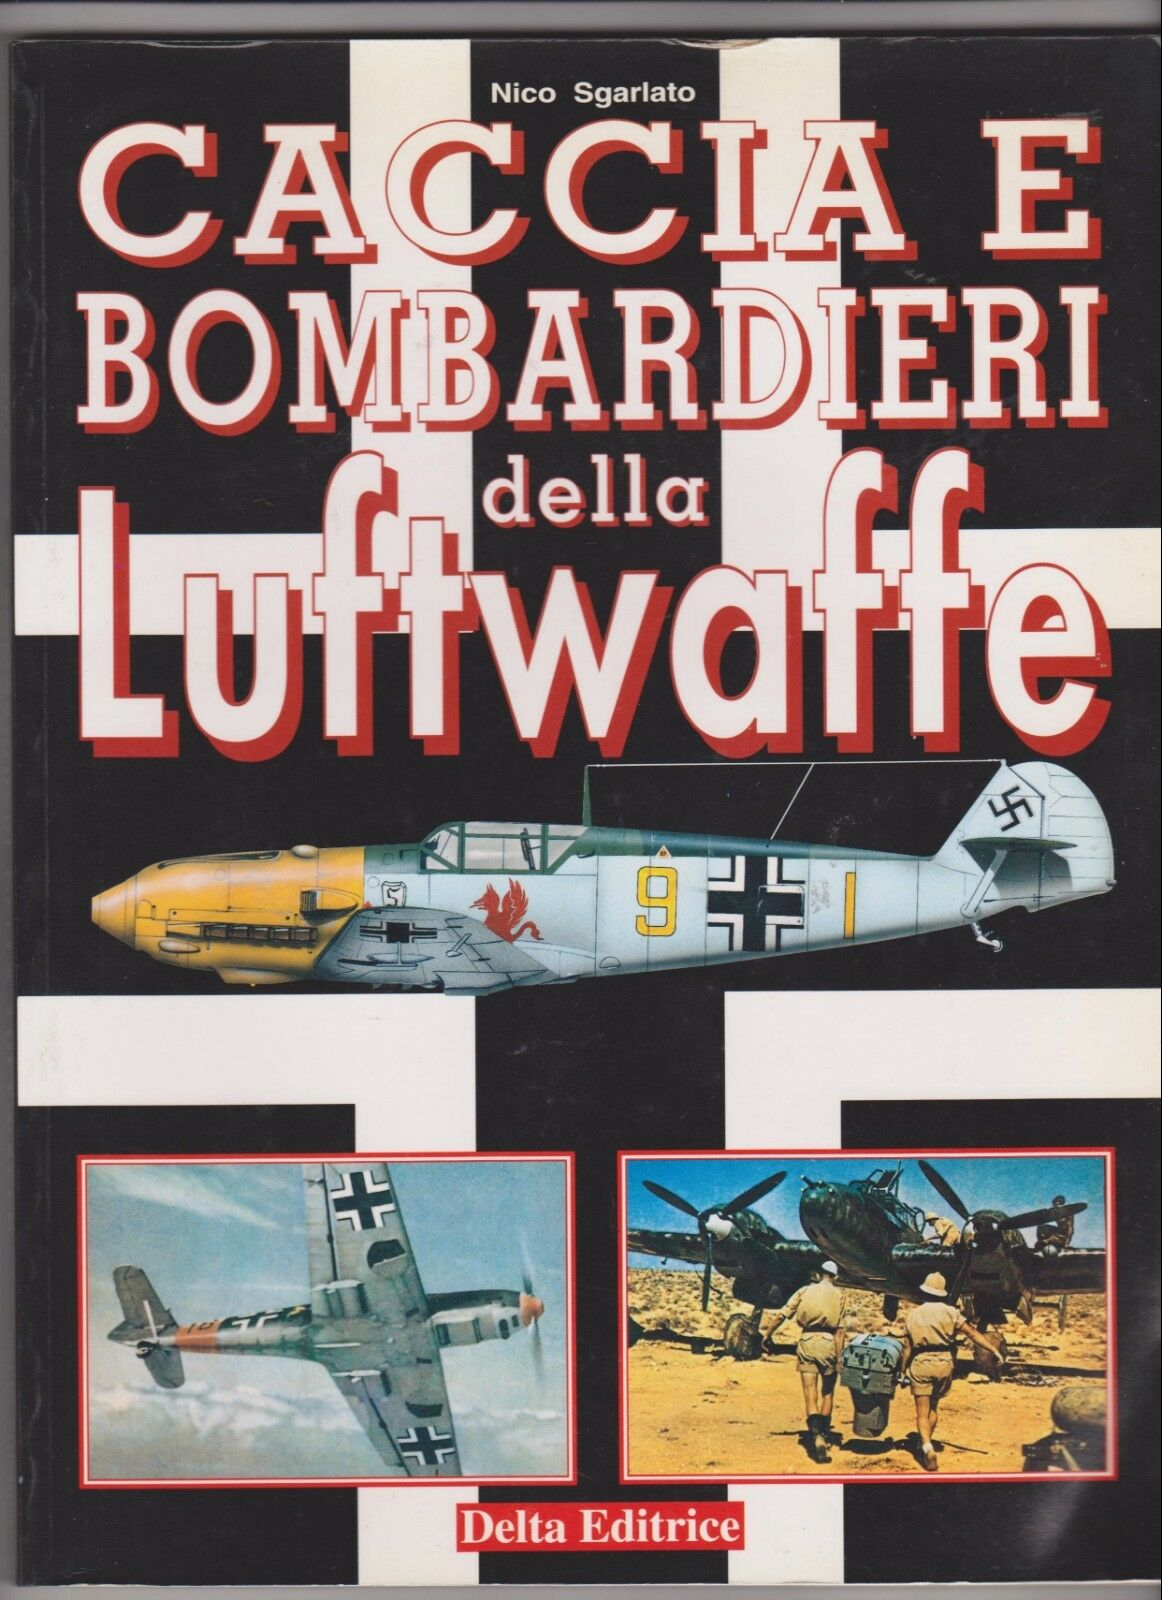 Caccia e bombardieri della luftwaffe II guerra guerra guerra 5673b5